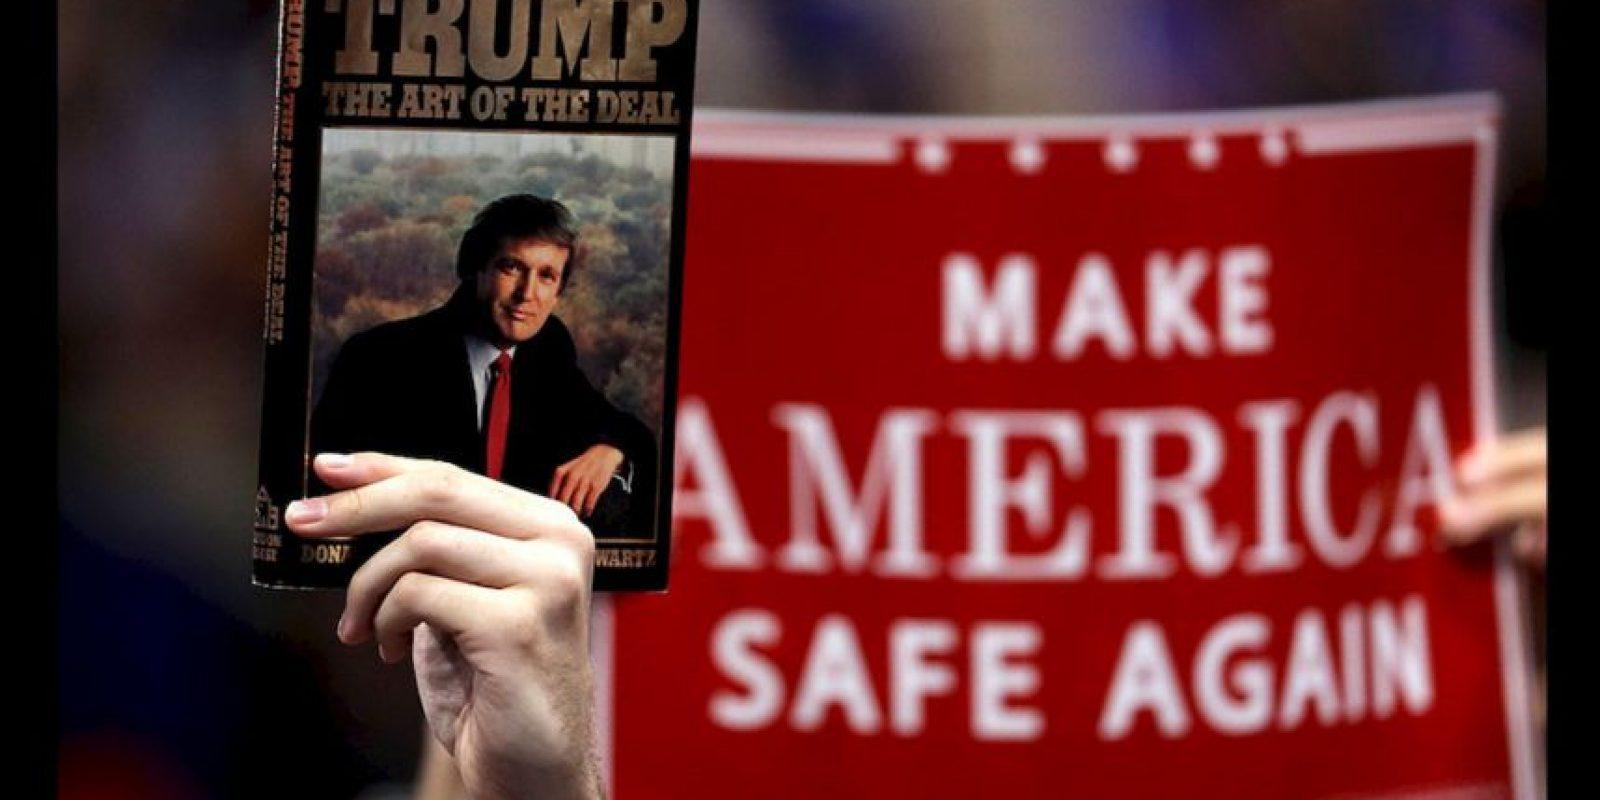 El proyecto incluye la controversial propuesta del virtual candidato presidencial, Donald Trump, de construir un gran muro en la frontera que divide a México y Estados Unidos. Foto:AP